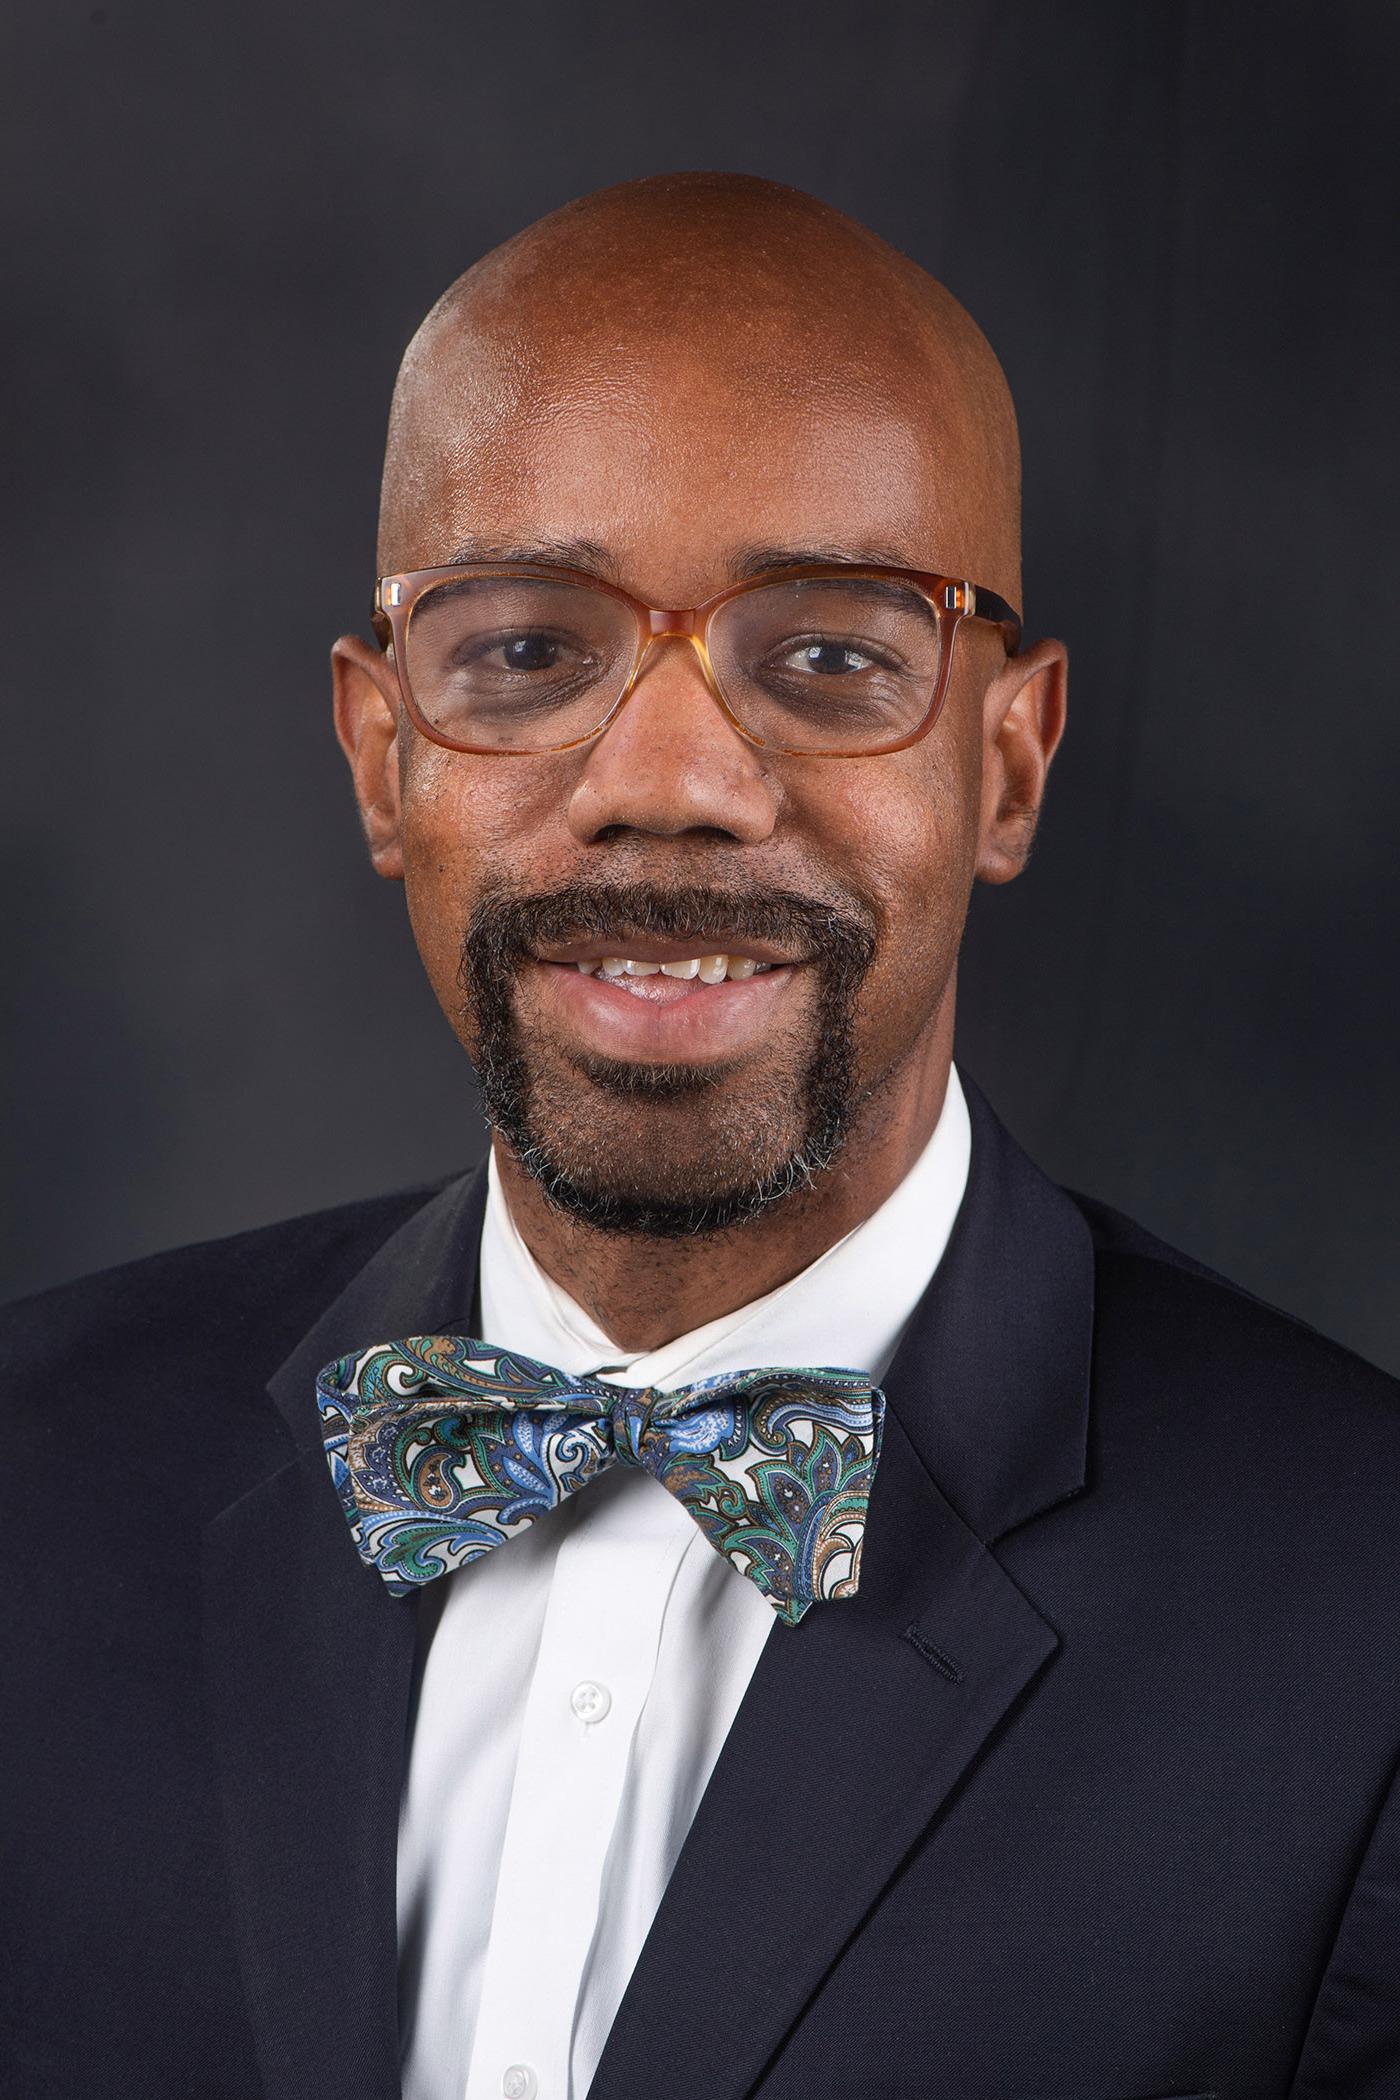 Dr. Lamar Hylton